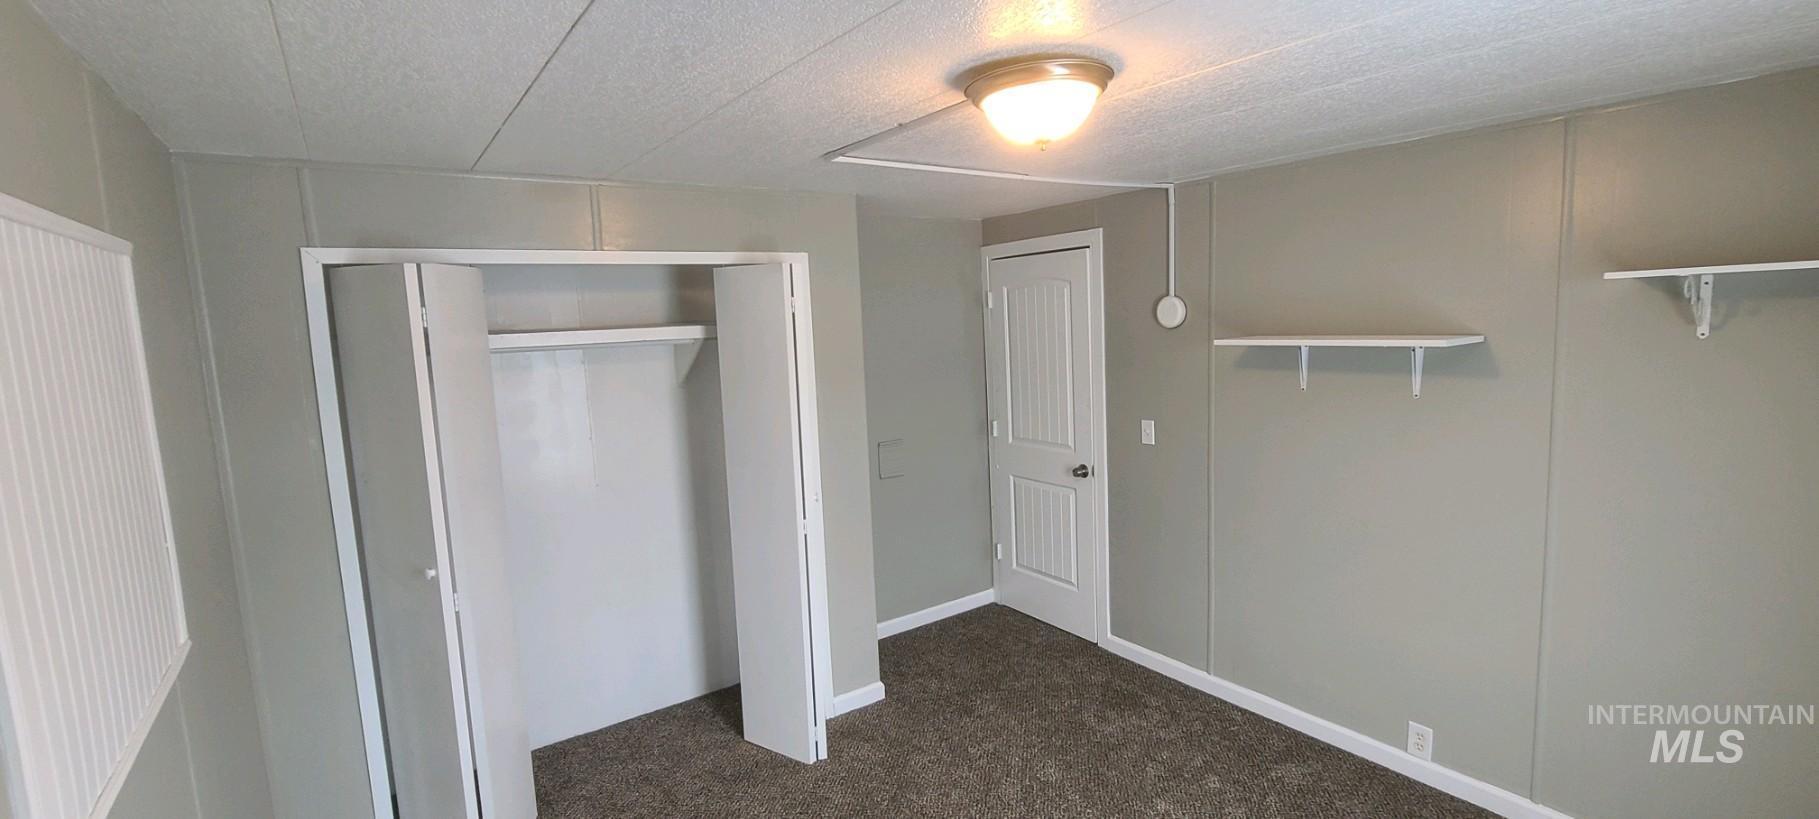 760 W Alameda Road # 28 Property Photo